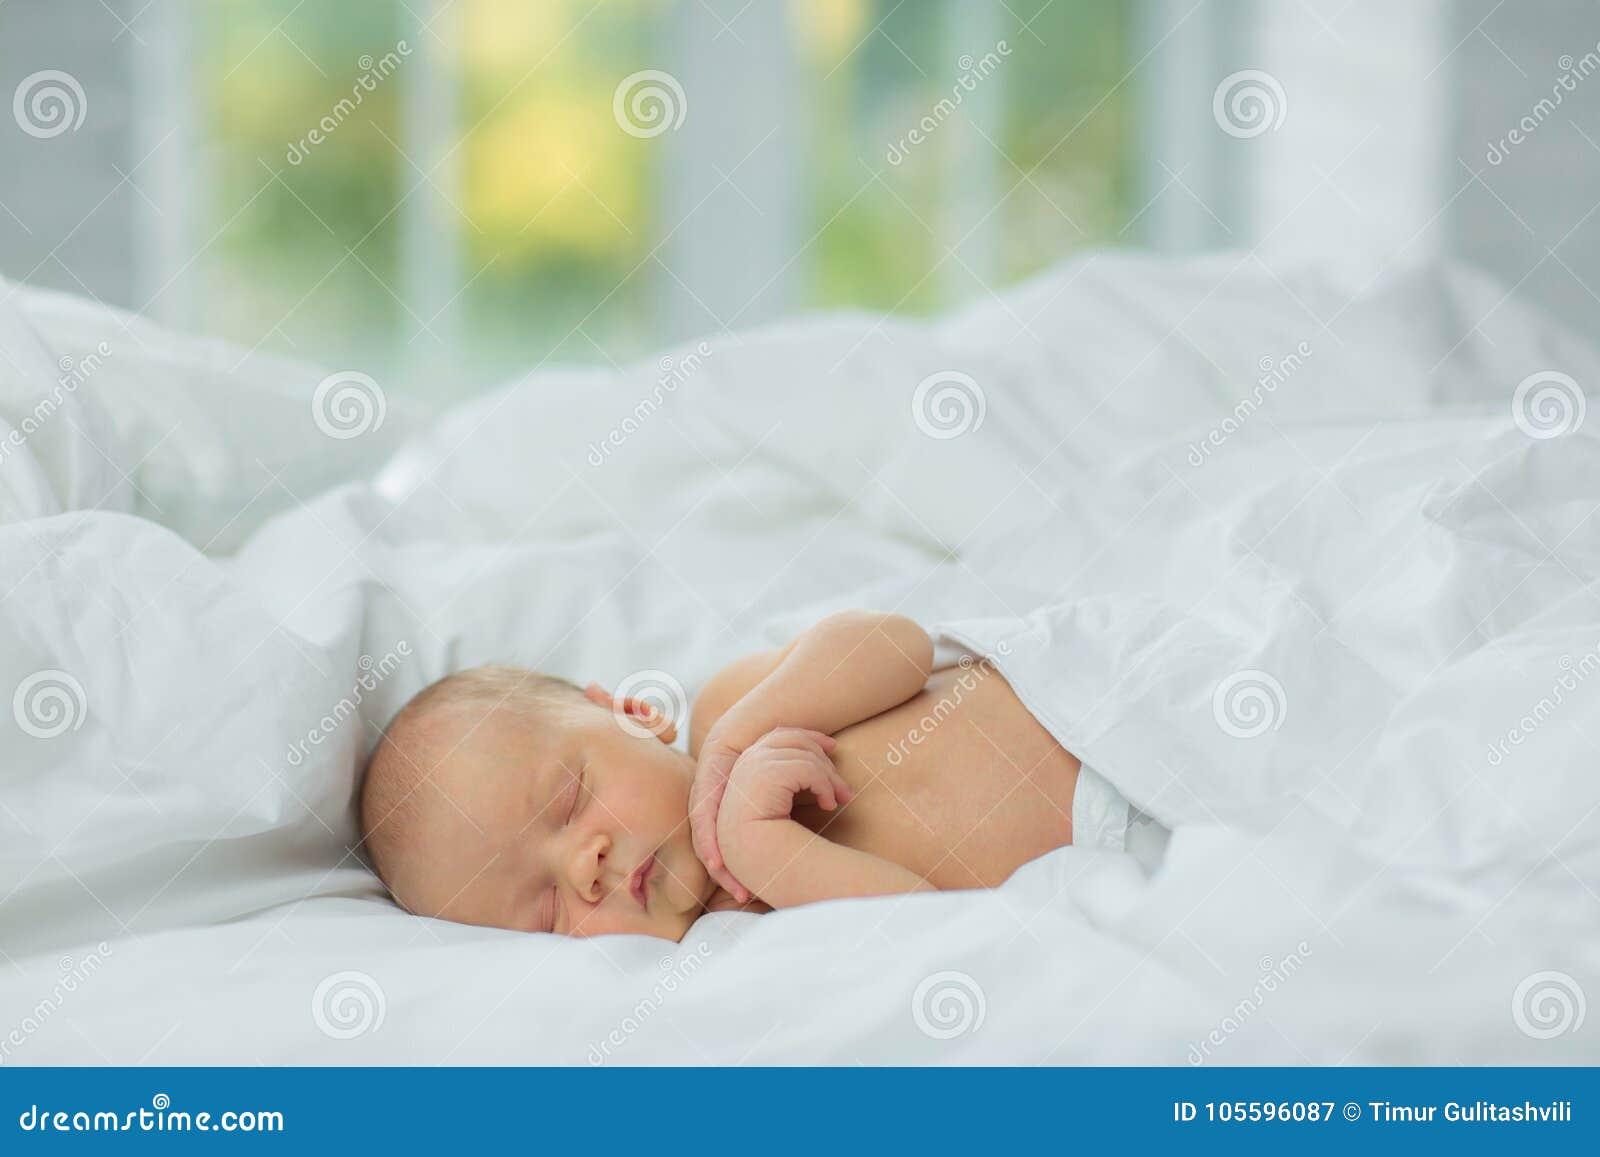 De pasgeboren slaap Leeftijd 10 dagen